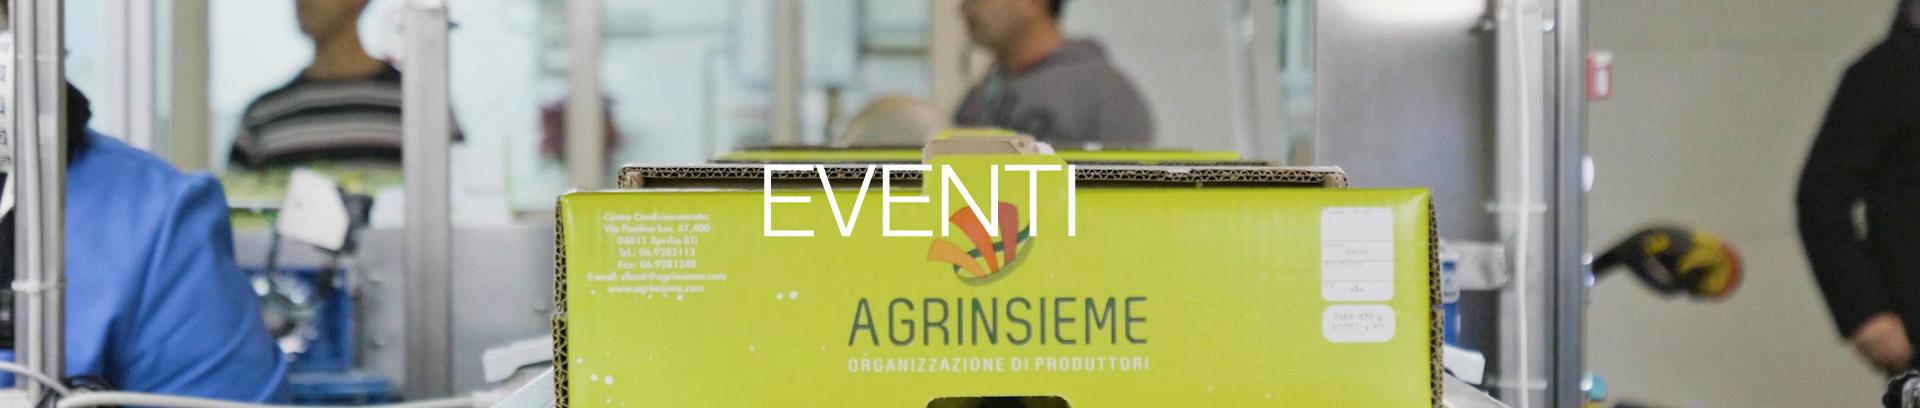 intestazione-eventi-agrinsieme-organizzazione-di-produttori-sezze